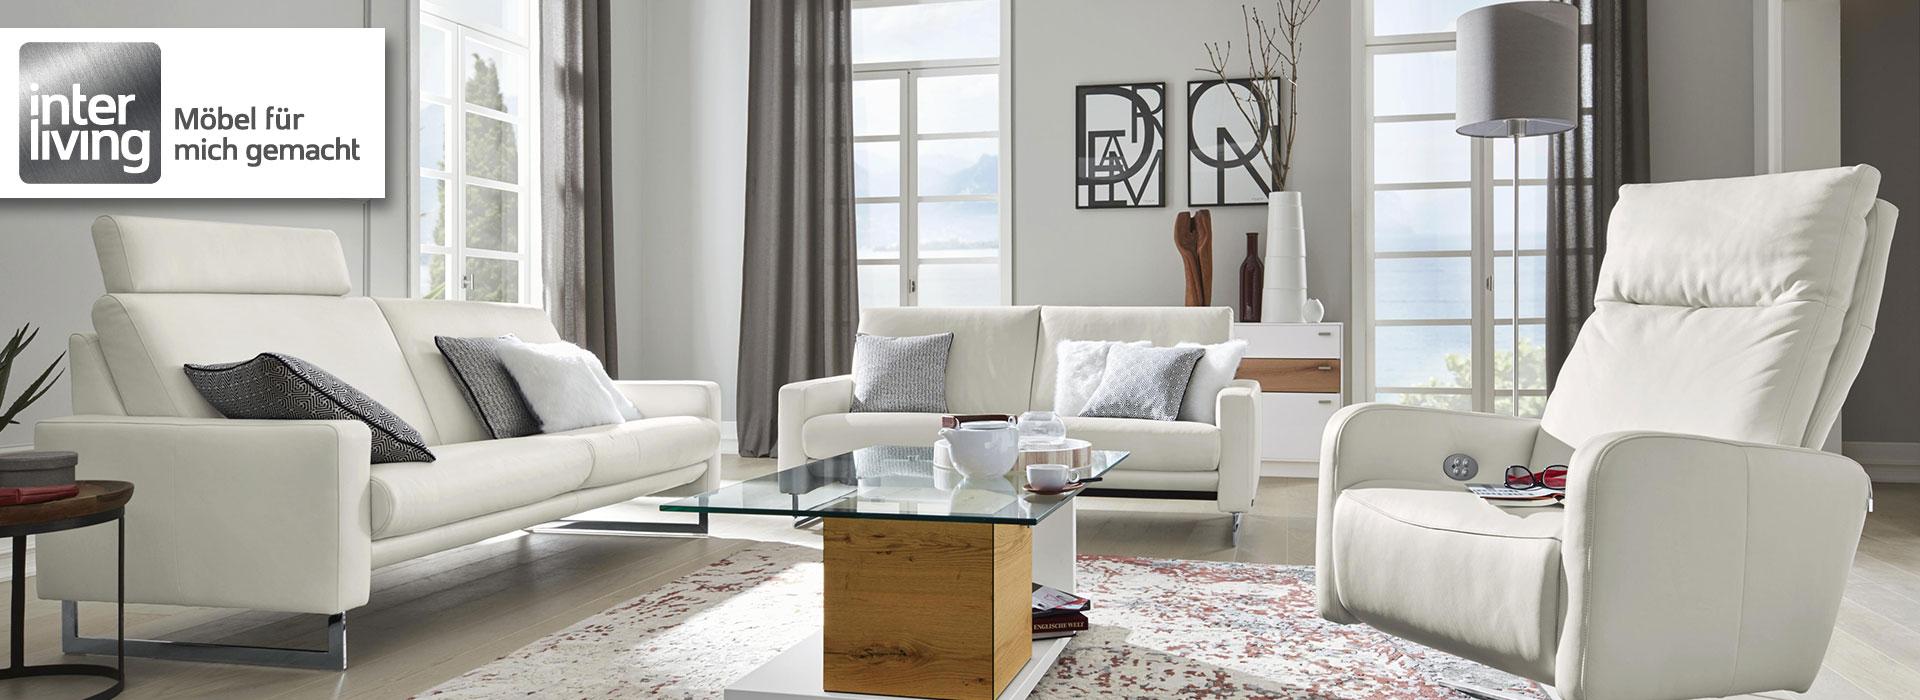 Markenmöbel von Interliving - Möbel Schulze